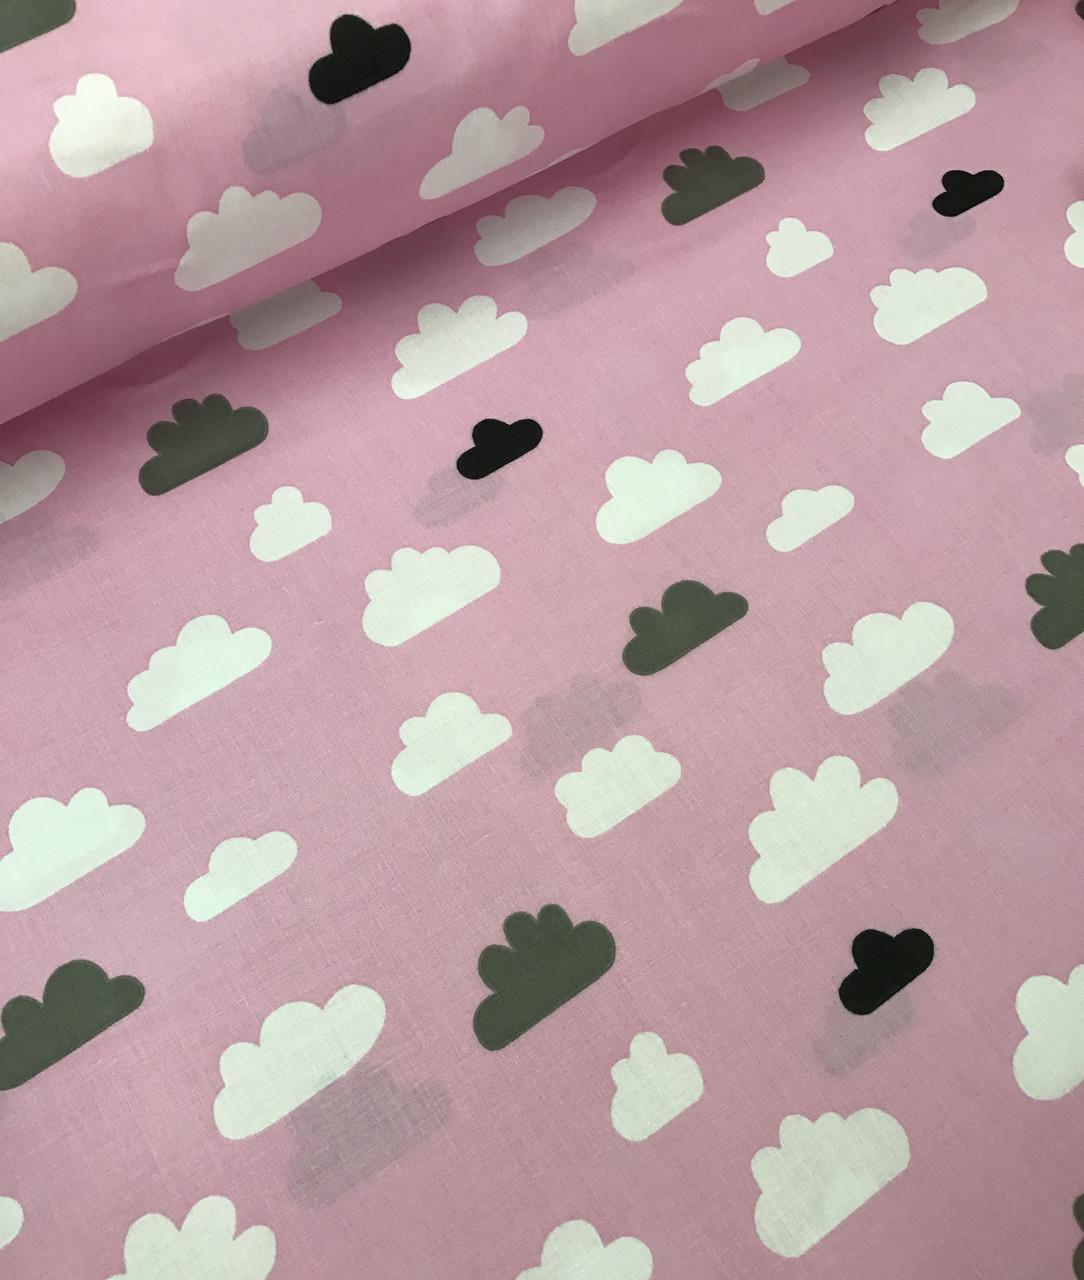 Хлопковая ткань польская облака черно-белые на розовом